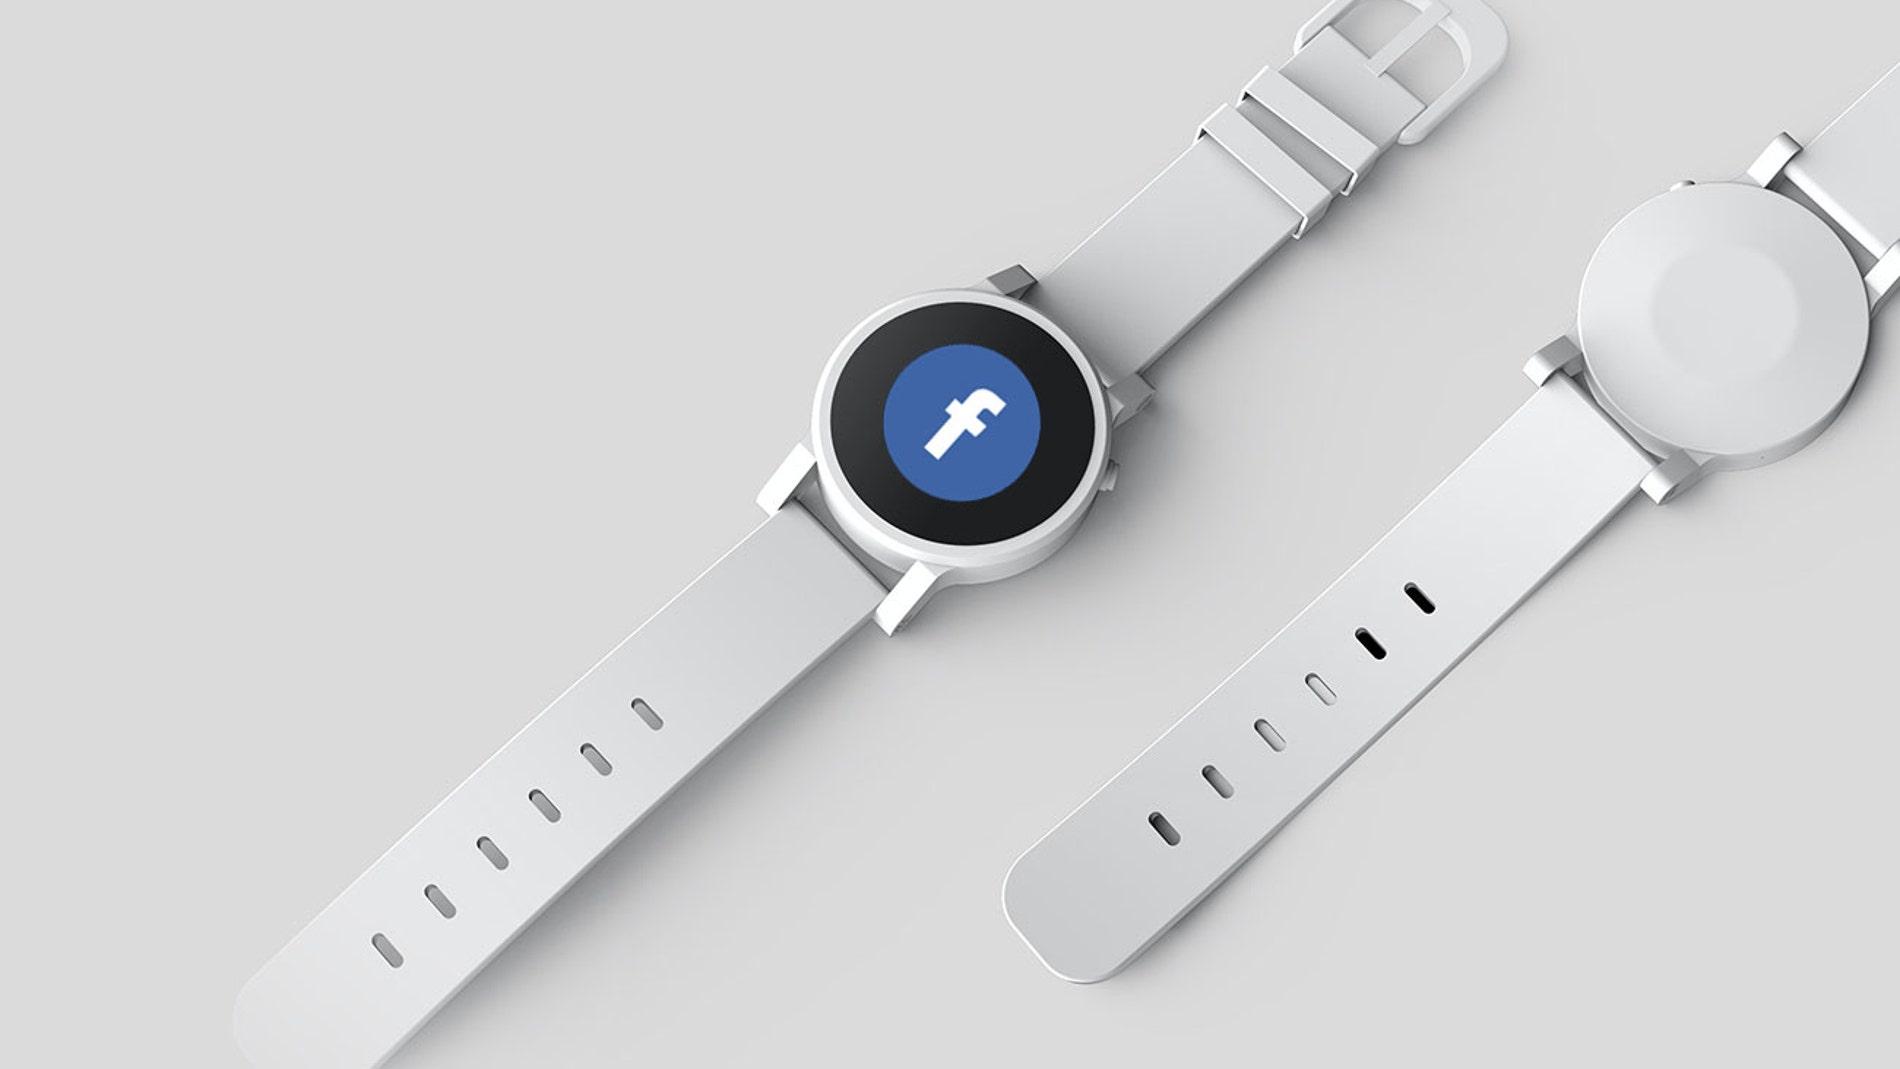 Un reloj con el logotipo de Facebook